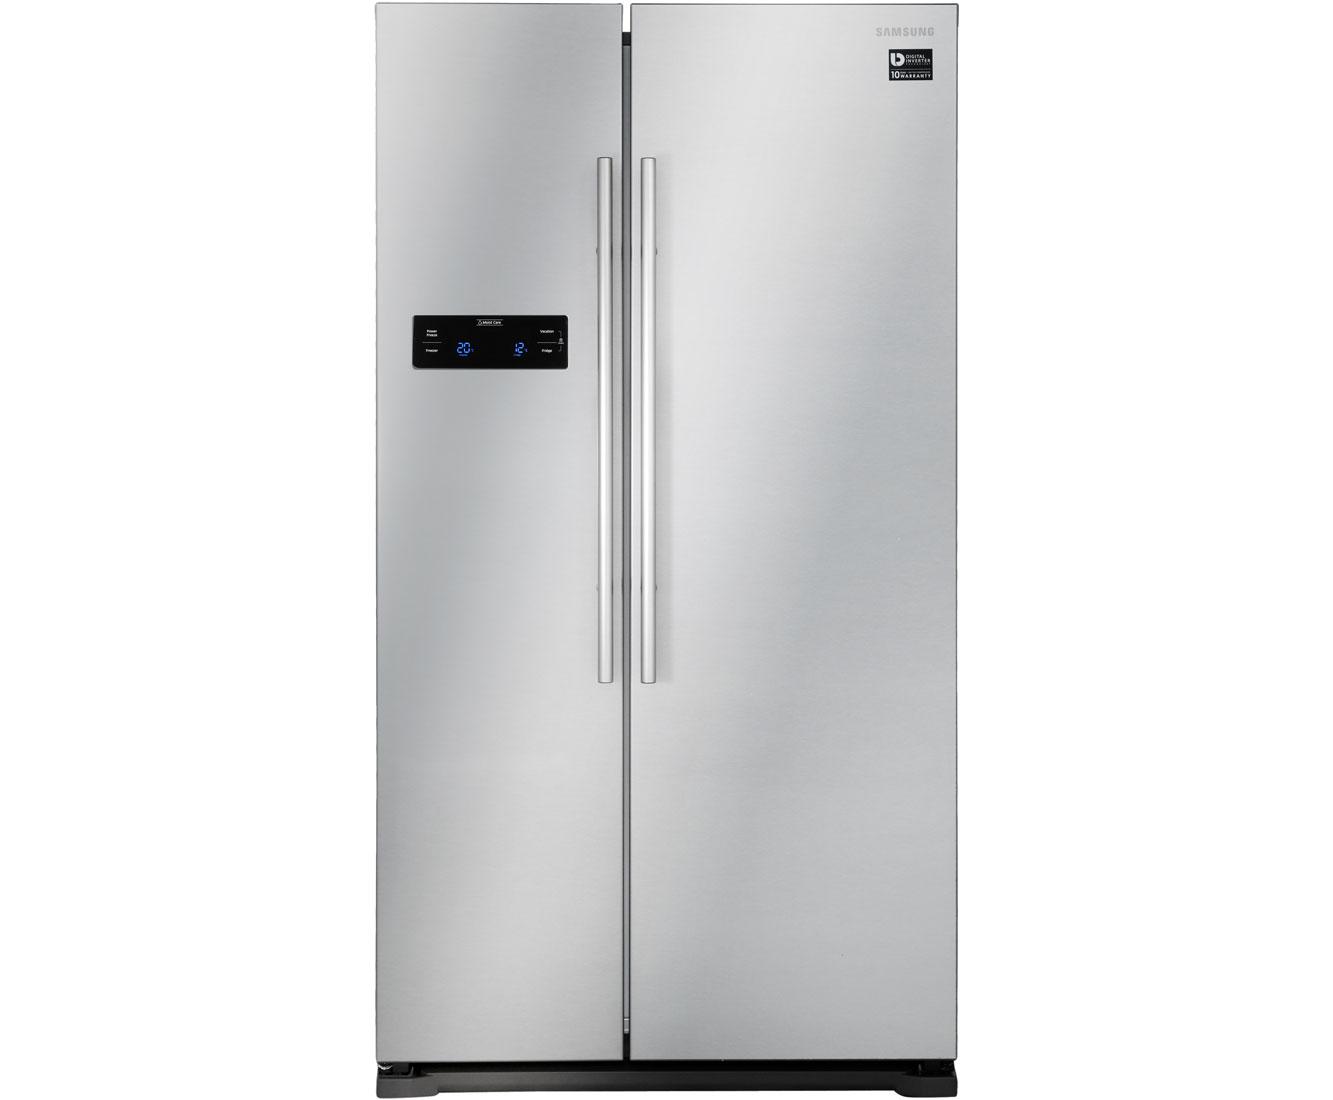 Side By Side Kühlschrank Transportieren : Side by side kühlschrank liegend transportiert: side by side